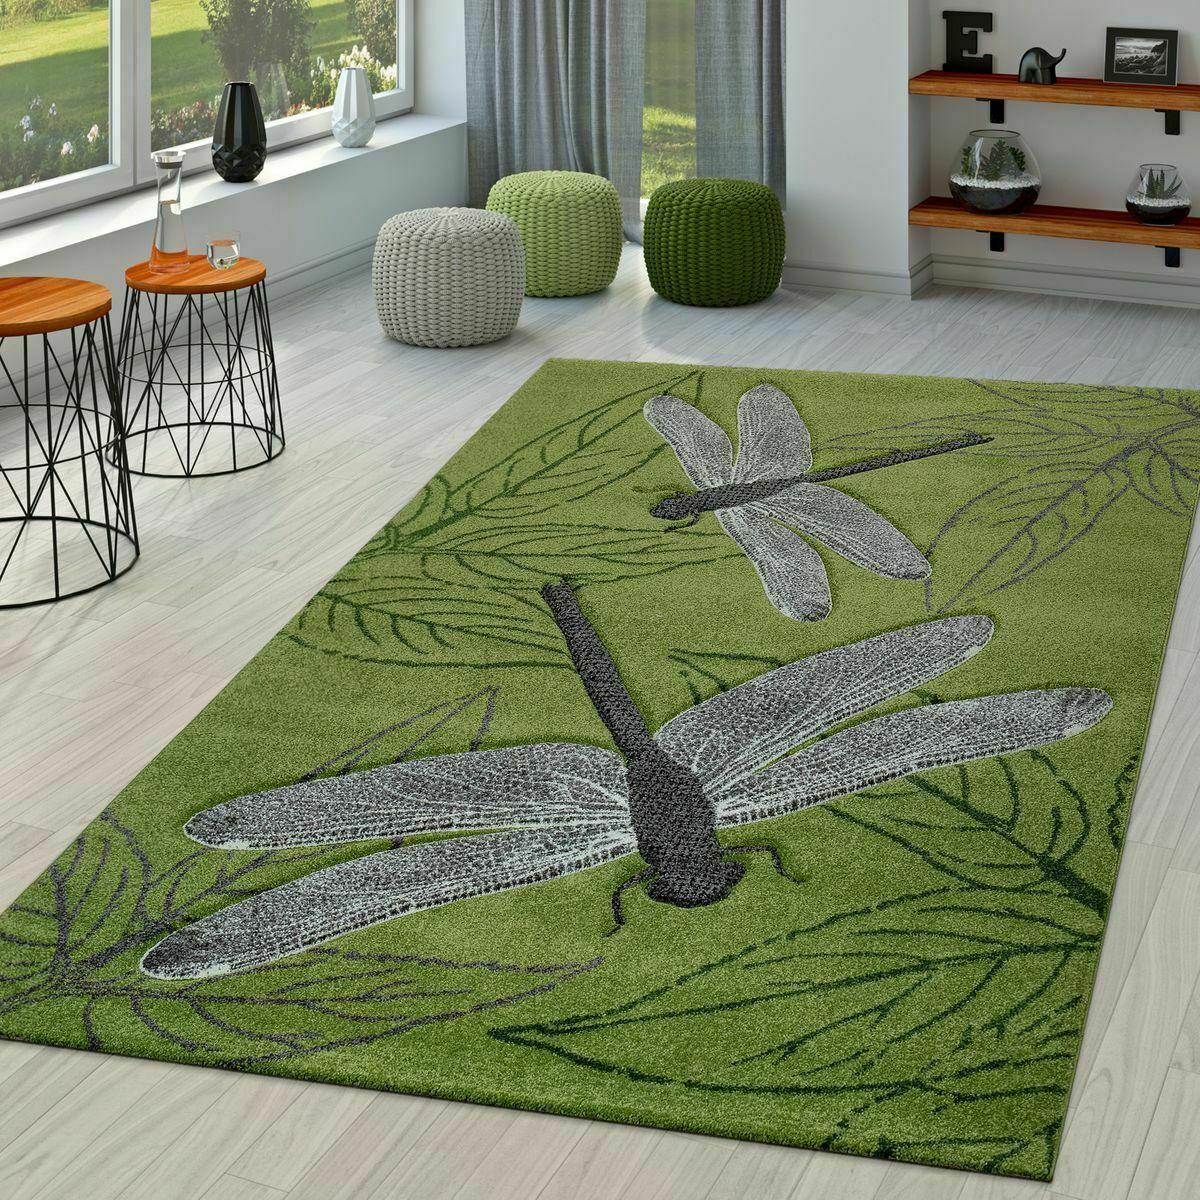 Tappeto moderno salotto cucina camera da letto per bambini Tappeto Dragonfly modello Tappetino verde